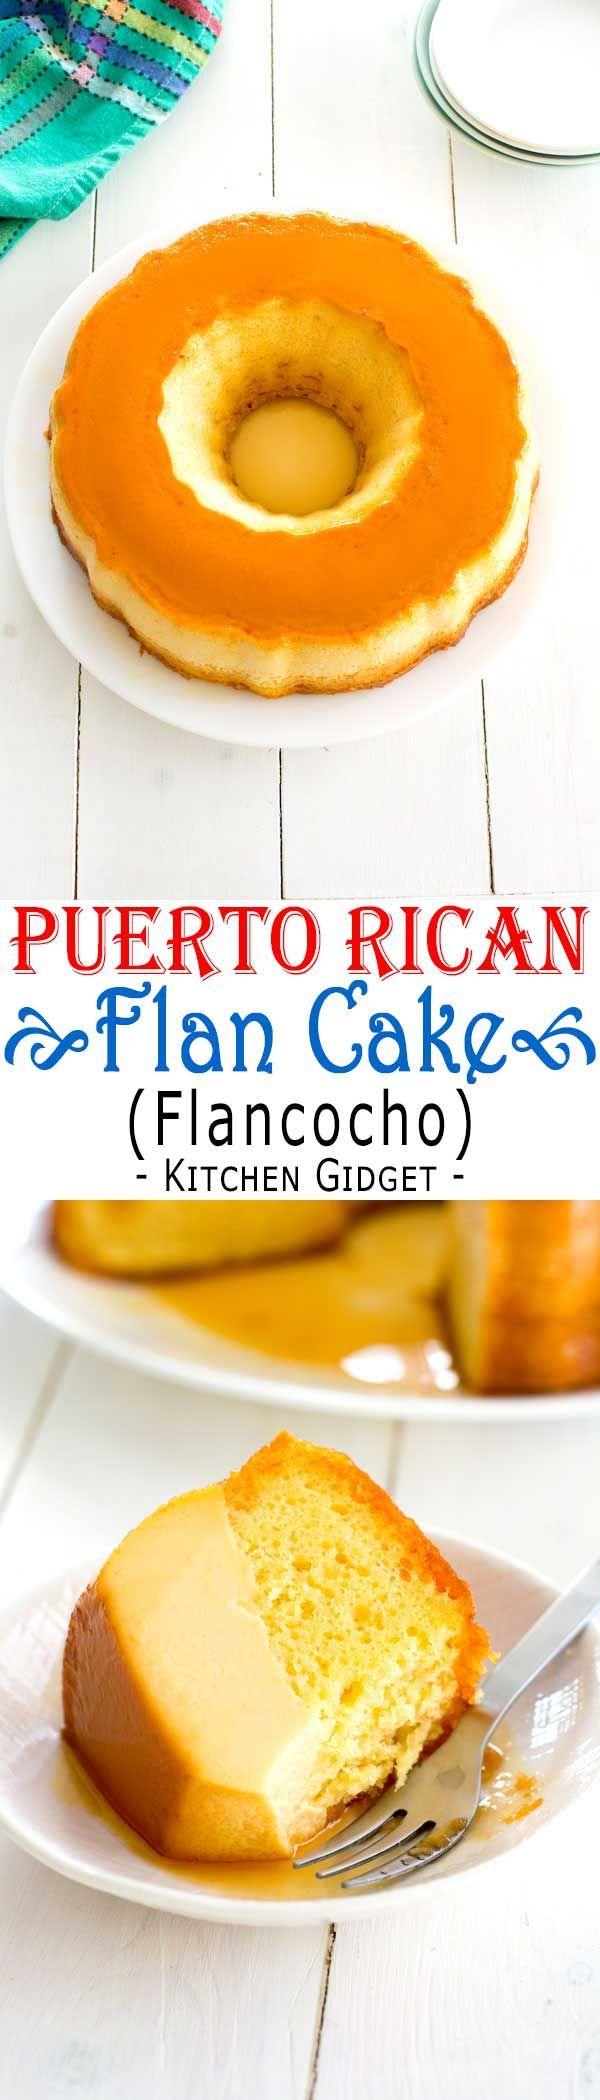 Puerto rican flancocho easy flan cake recipe puertoricanfood puerto rican flancocho easy flan cake recipe puertoricanfood cake recipe forumfinder Gallery